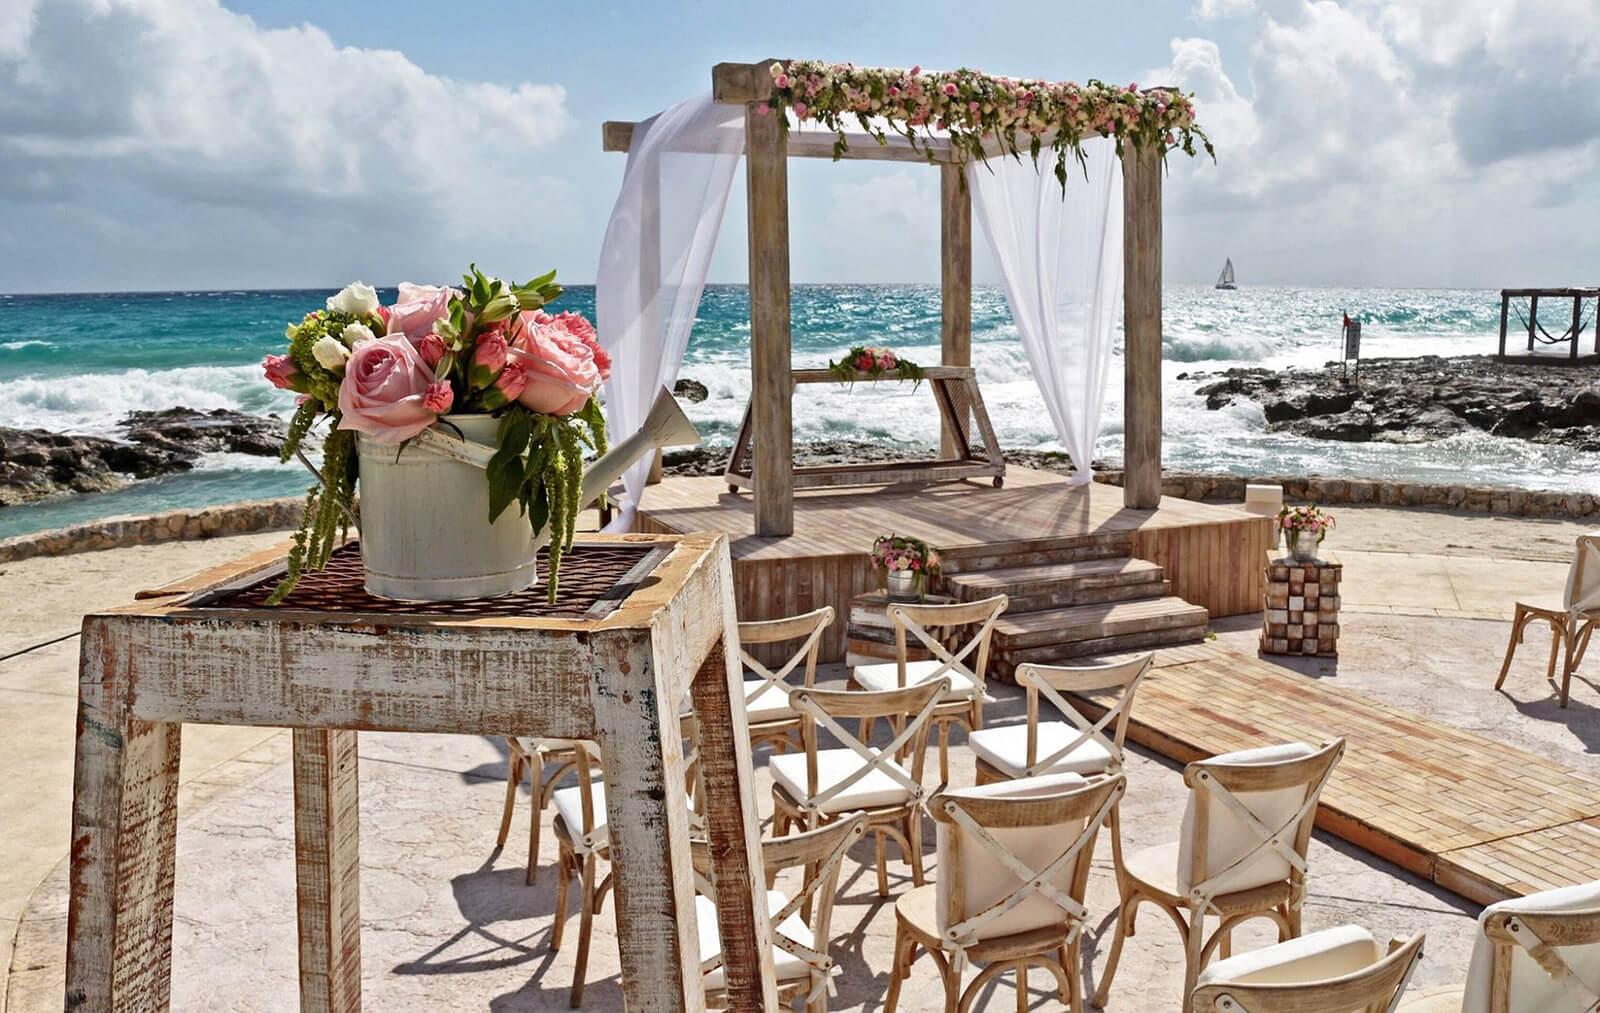 location-wedding-breezy-flowy-dress.jpg